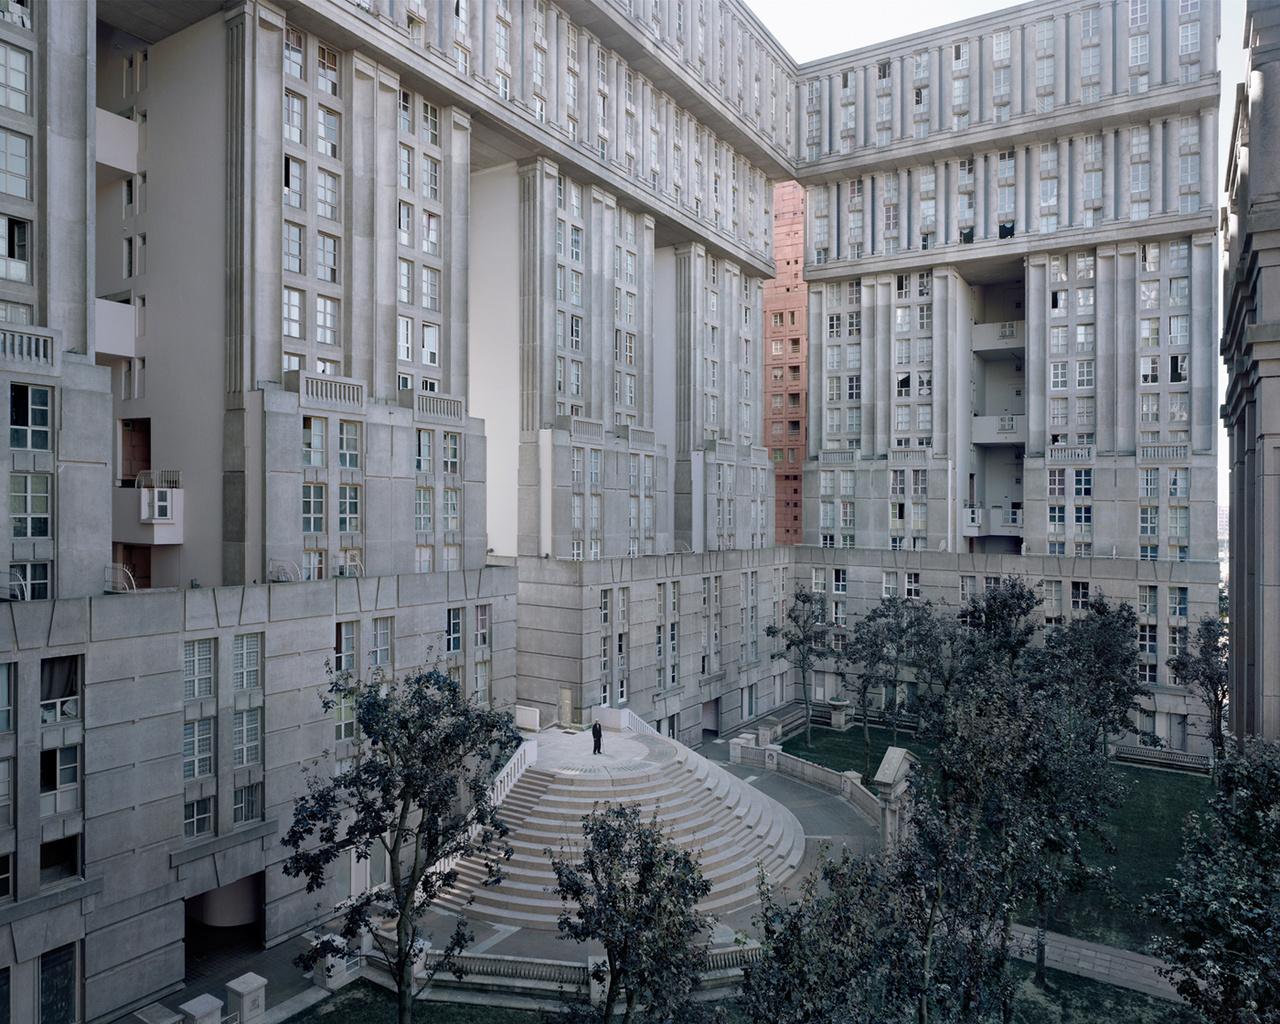 Üdvözlet a sosemvolt jövőbőlA 28 éves francia fotóriporter, Laurent Kronental a lepukkantságukban is lenyűgöző, futurisztikus francia toronyházakról készült képsorozatával világhírű lett.  A jövő emlékei (Souvenir d'un Futur) négy éven át készült: Párizs sci-fikbe illő külvárosi toronyházait mutatja be, a falanszterszerű helyek idős lakóival együtt, akik megpróbálják ezt a sokak számára rideg, mesterséges környezetet élhetővé és otthonossá tenni.